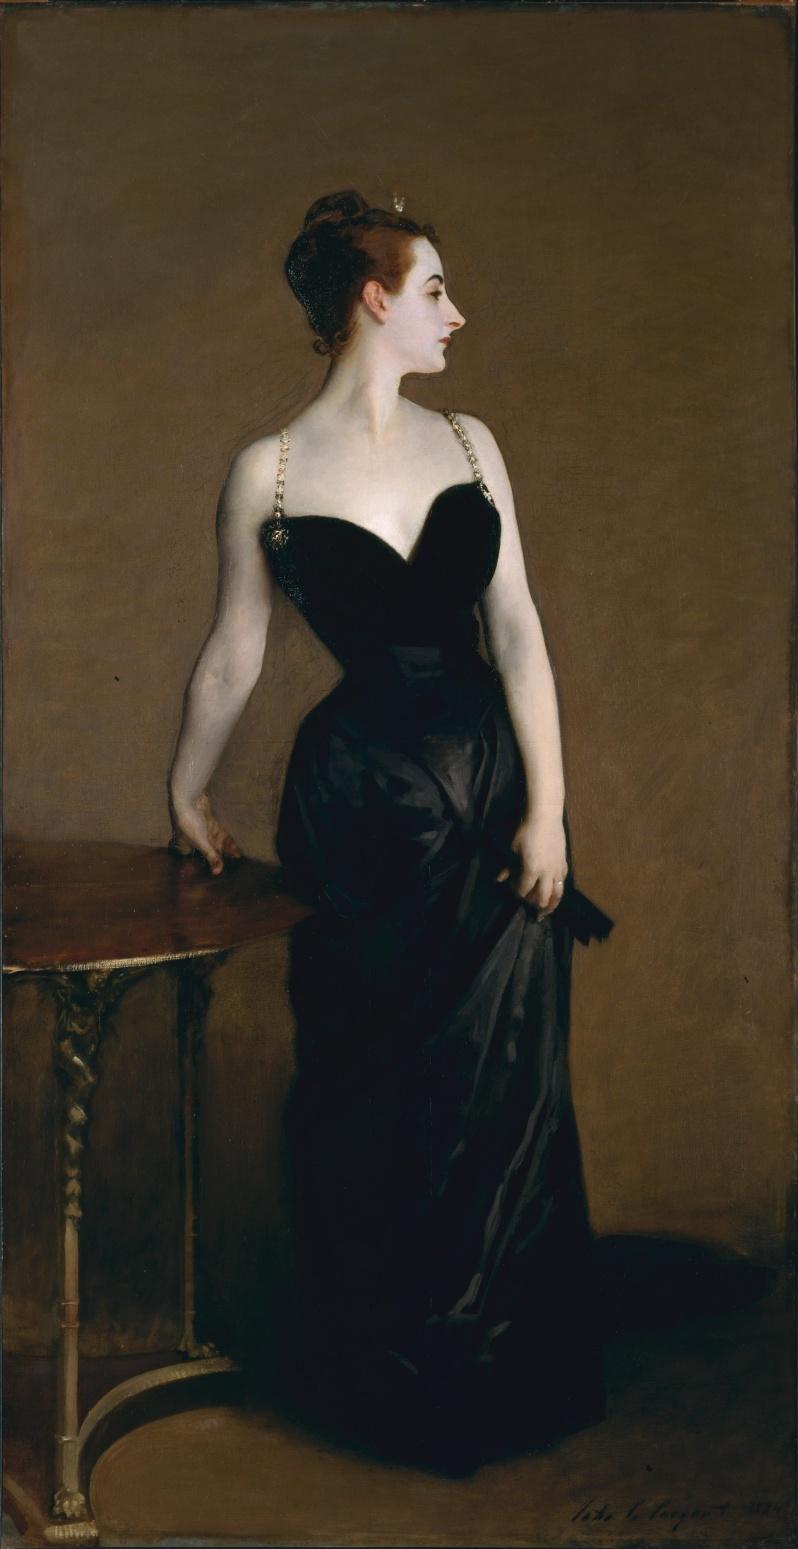 John Singer Sargent, Madame X, 1884